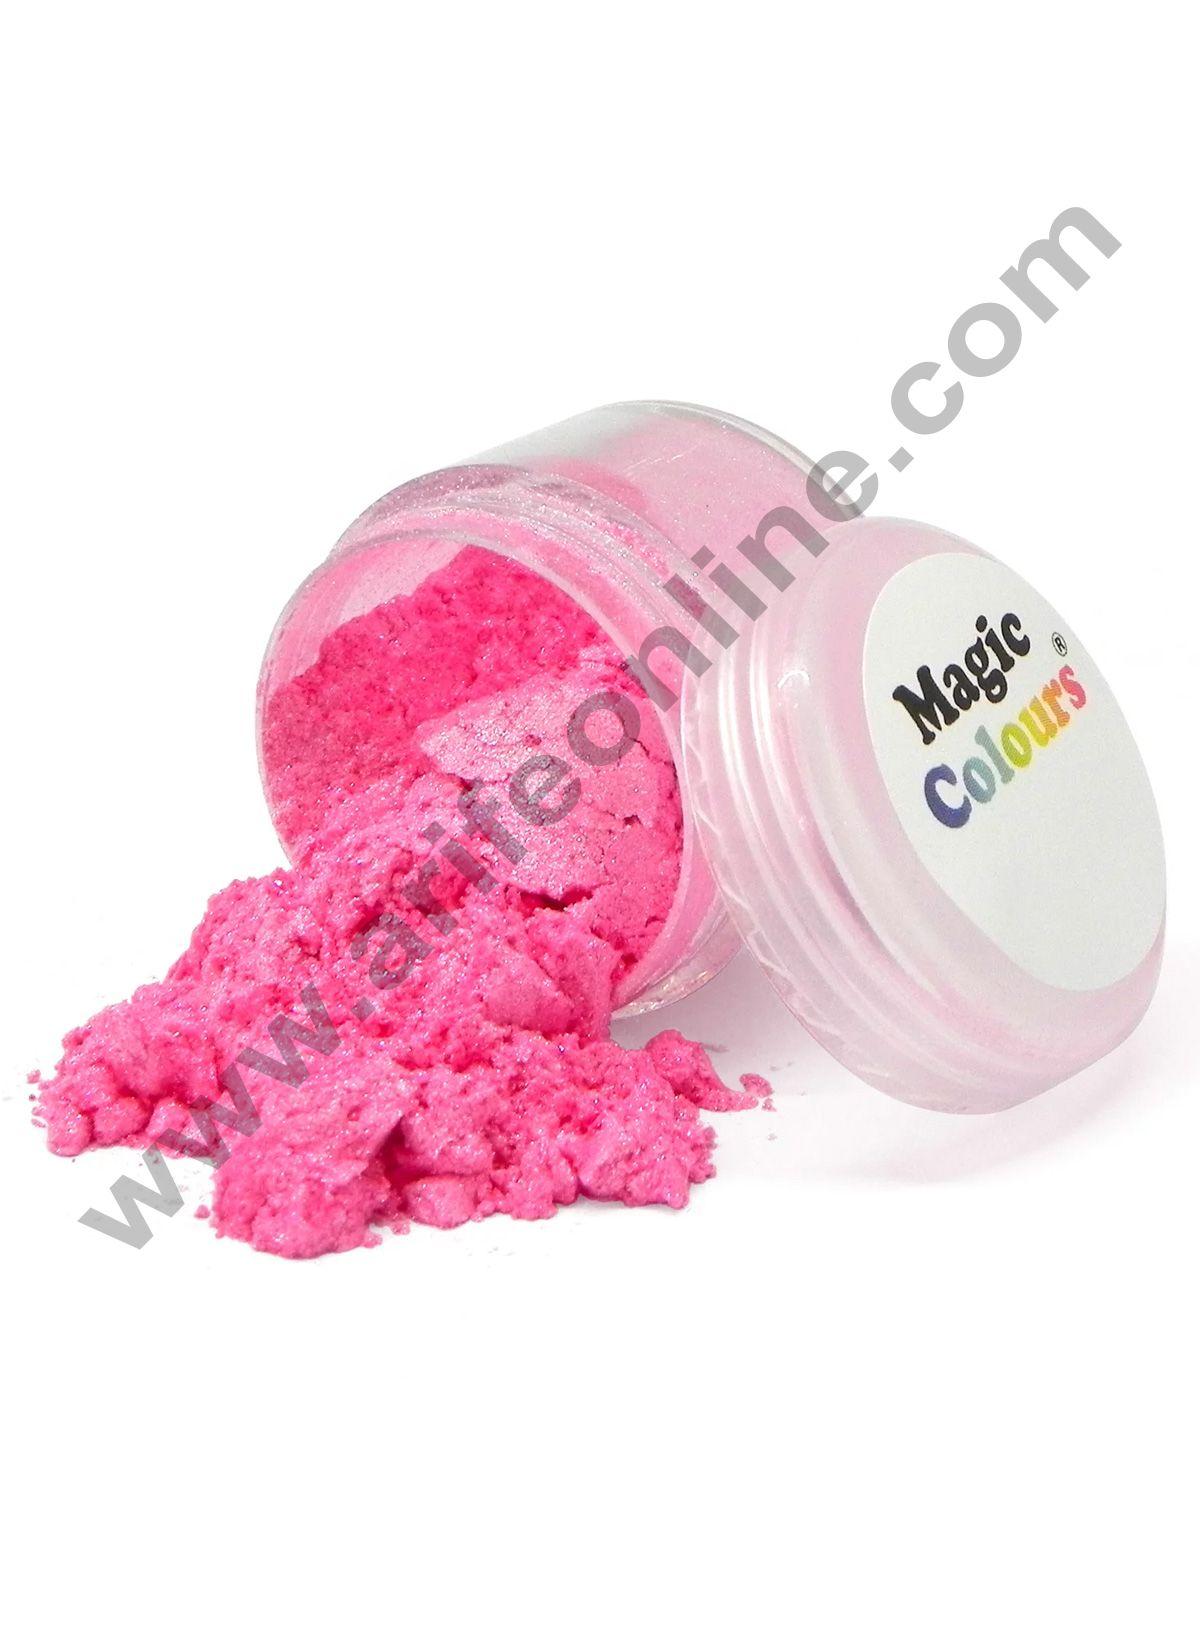 Magic Colours™ Edible Lustre Dust - Pink Sparkle (8 ml)